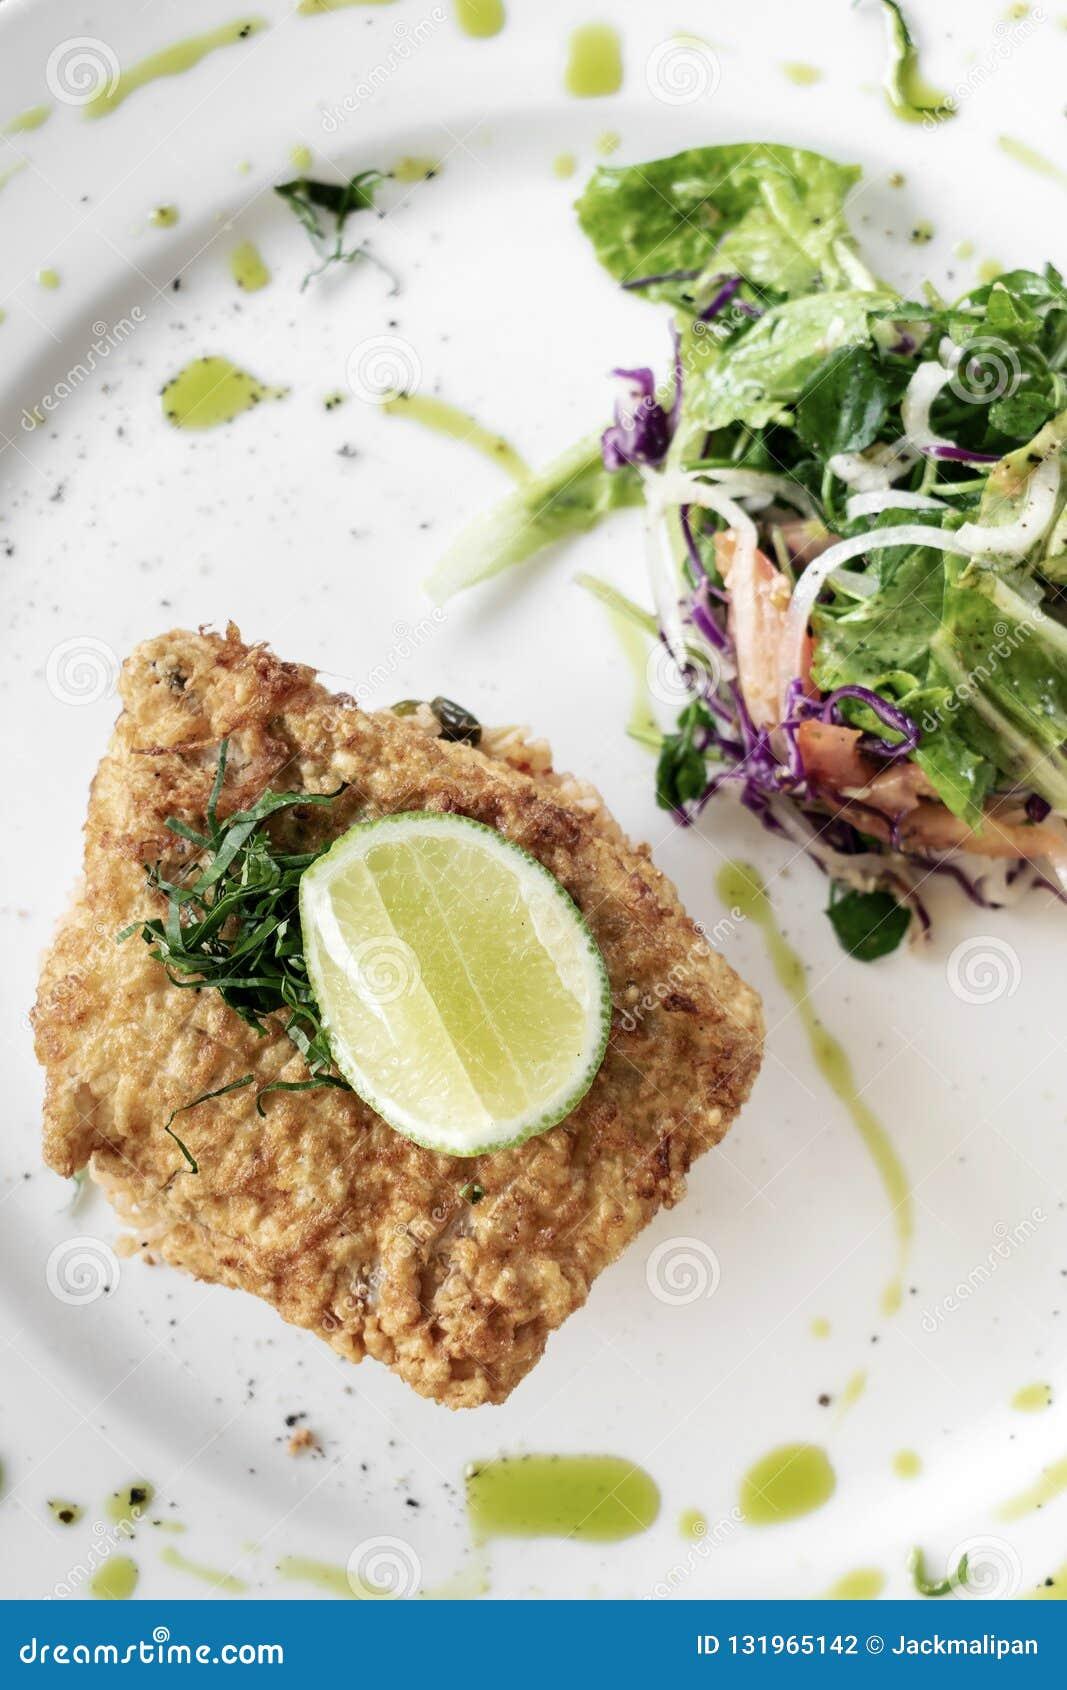 Fresh fried battered cod fish fillet summer light lunch meal